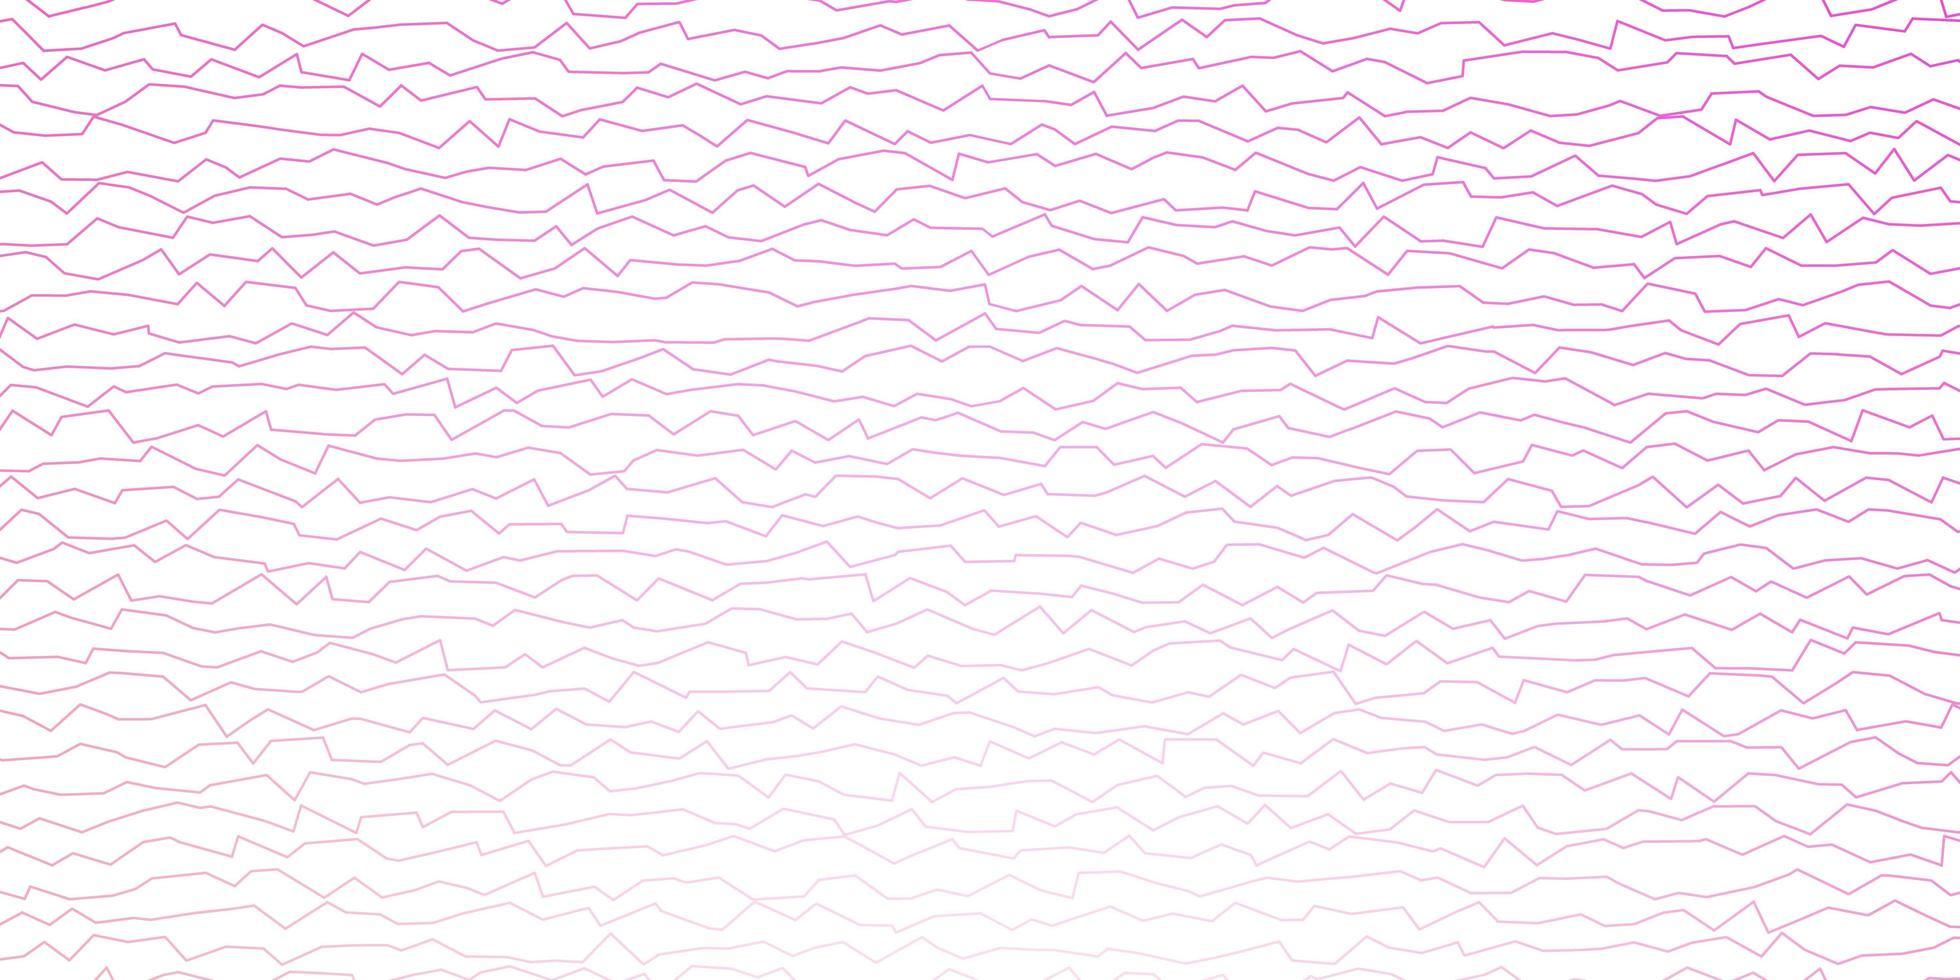 layout de vetor rosa escuro com arco circular.